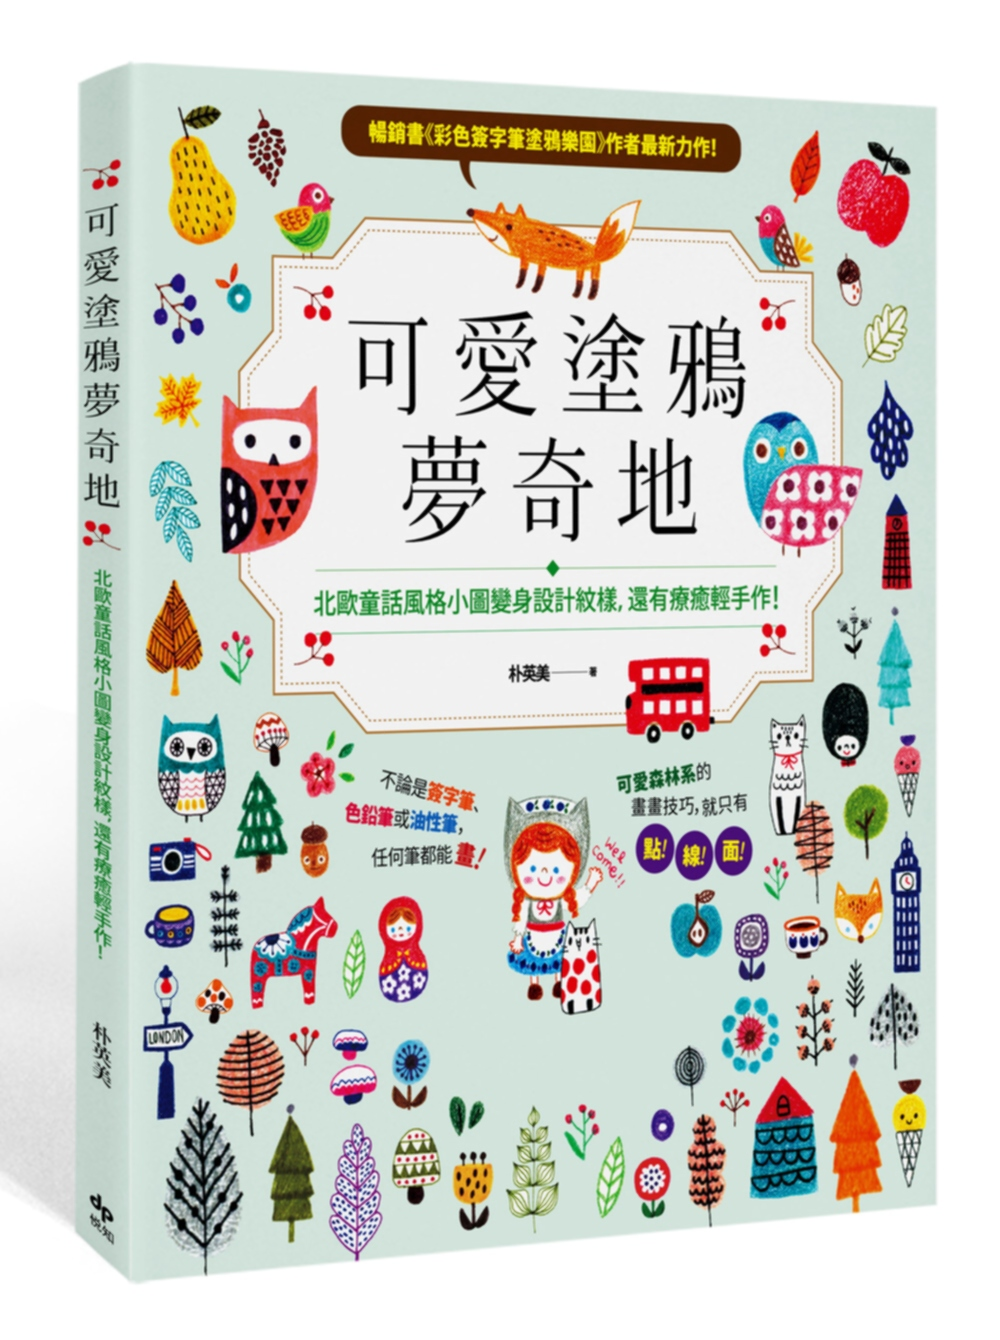 可愛塗鴉夢奇地:北歐童話風格小圖變身設計紋樣,還有療癒輕手作!